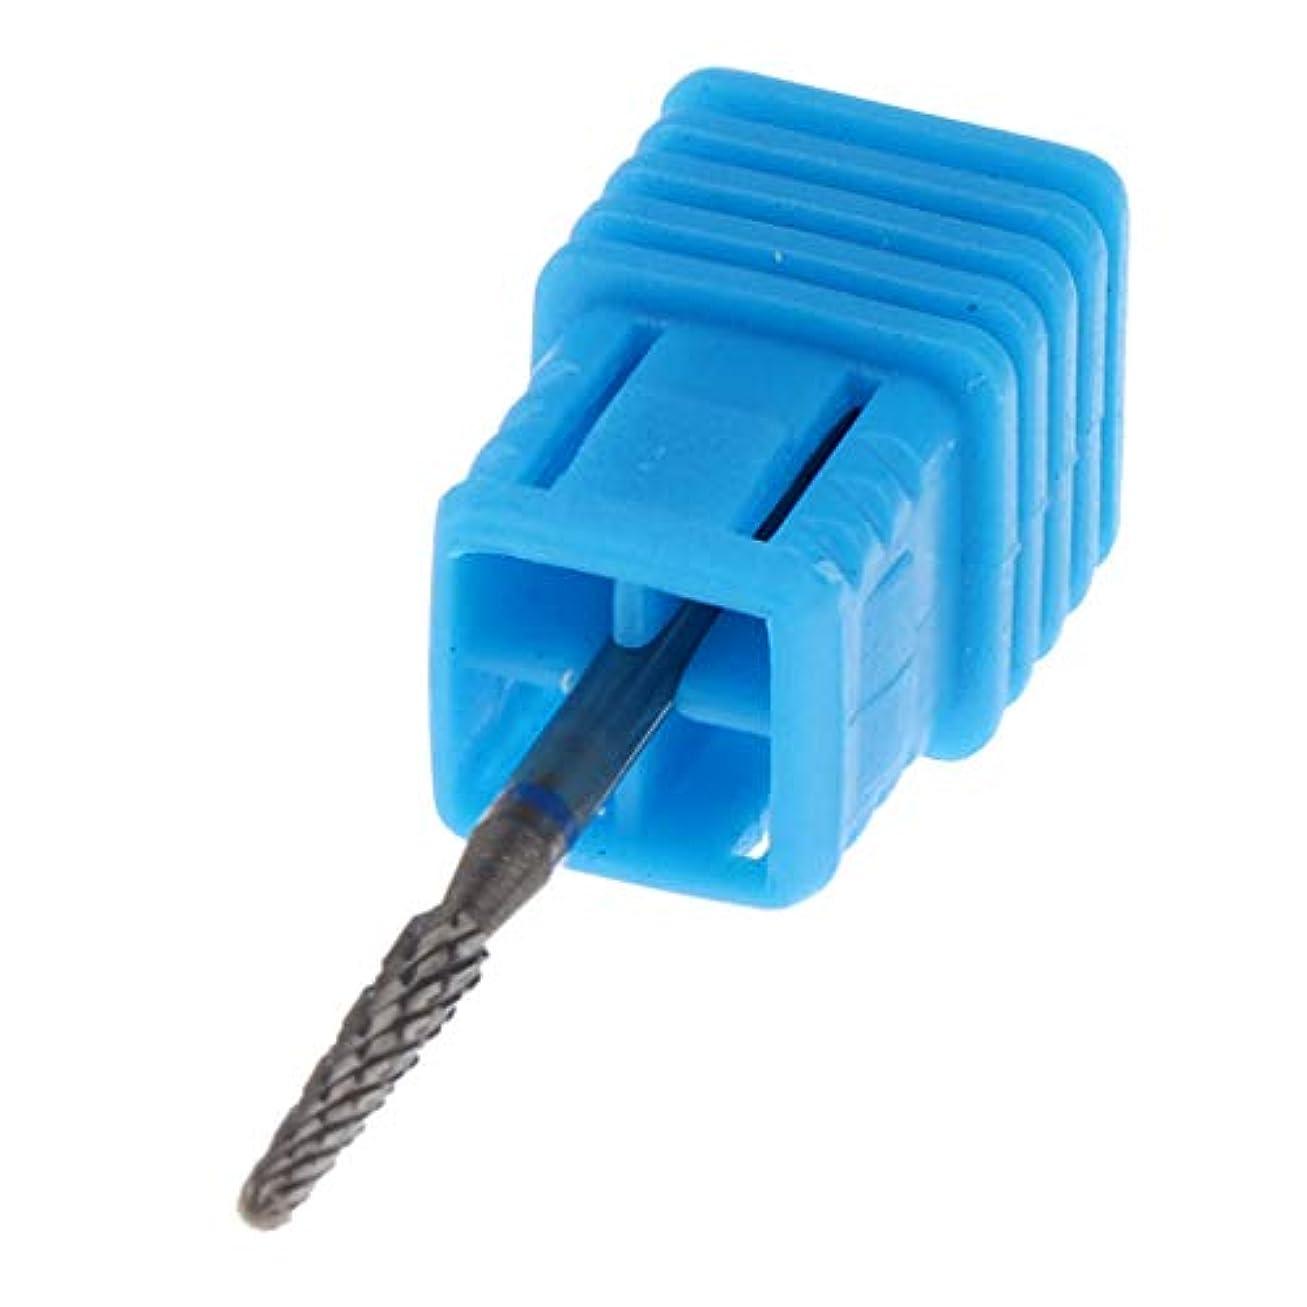 有効化アルプスパパgazechimp マニキュアドリルビット ネイルファイル 爪やすり ネイル道具 全10選択 - 04